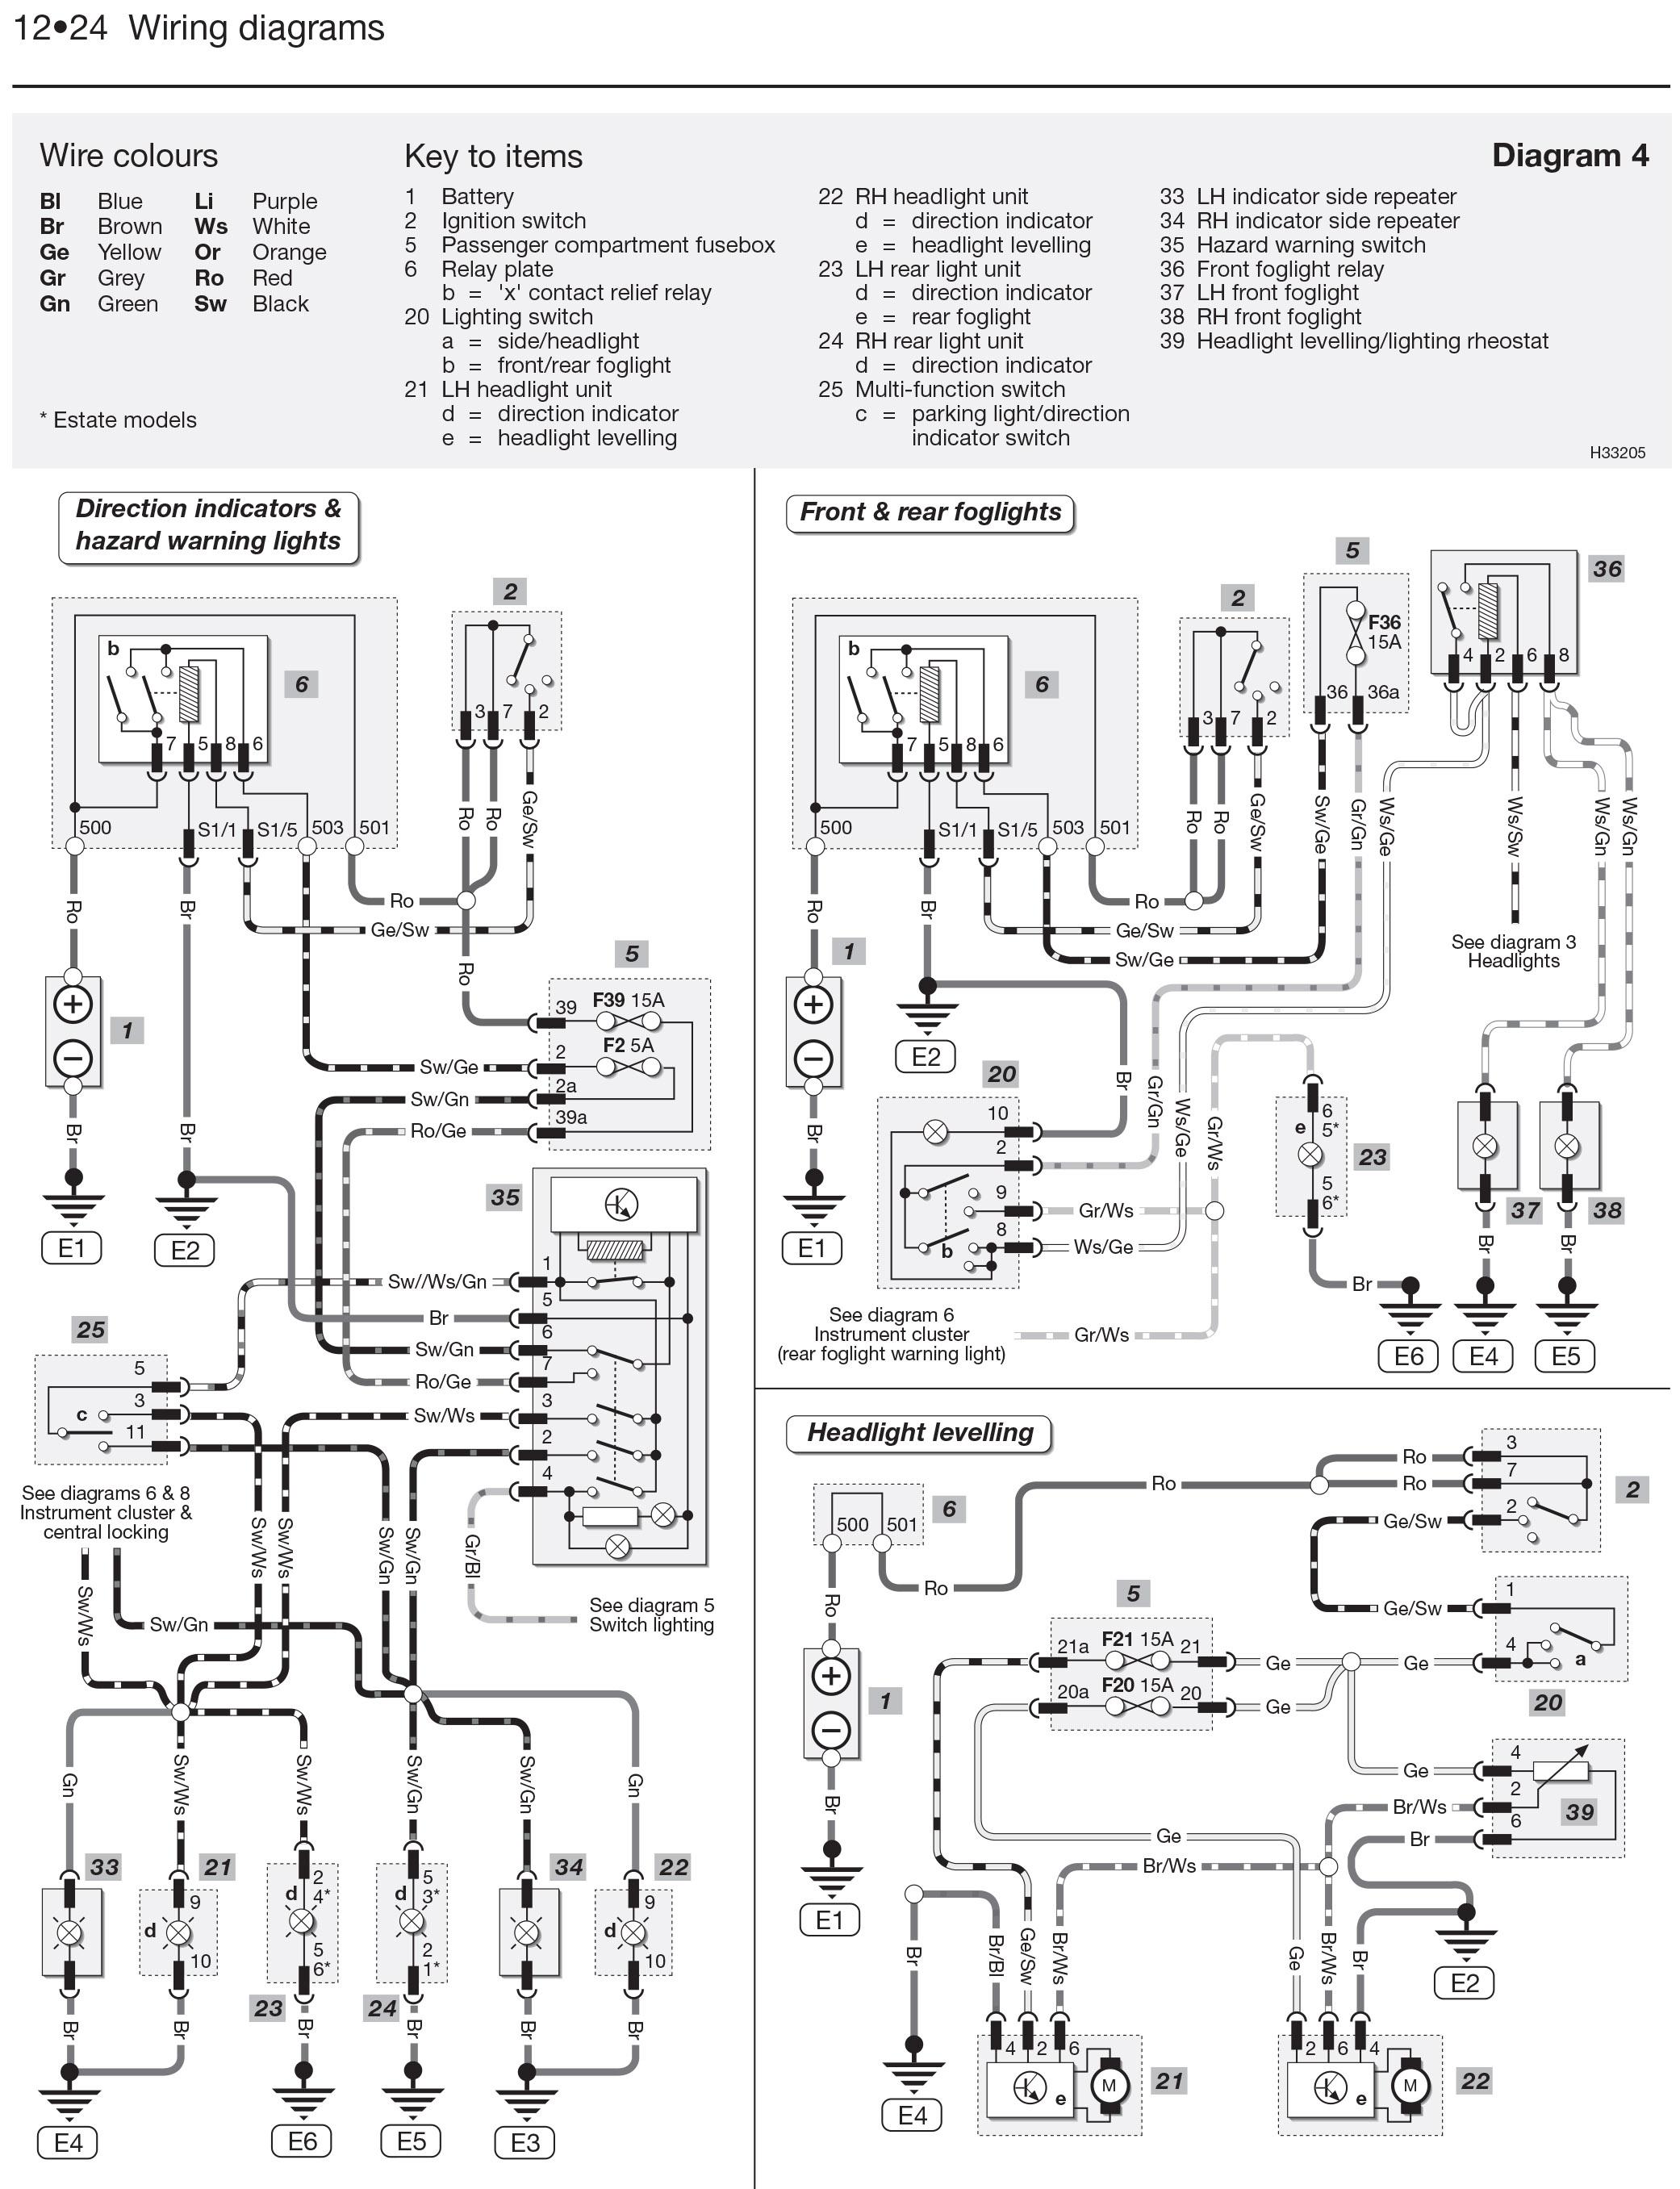 2003 Vw Passat Wiring Diagram Pdf